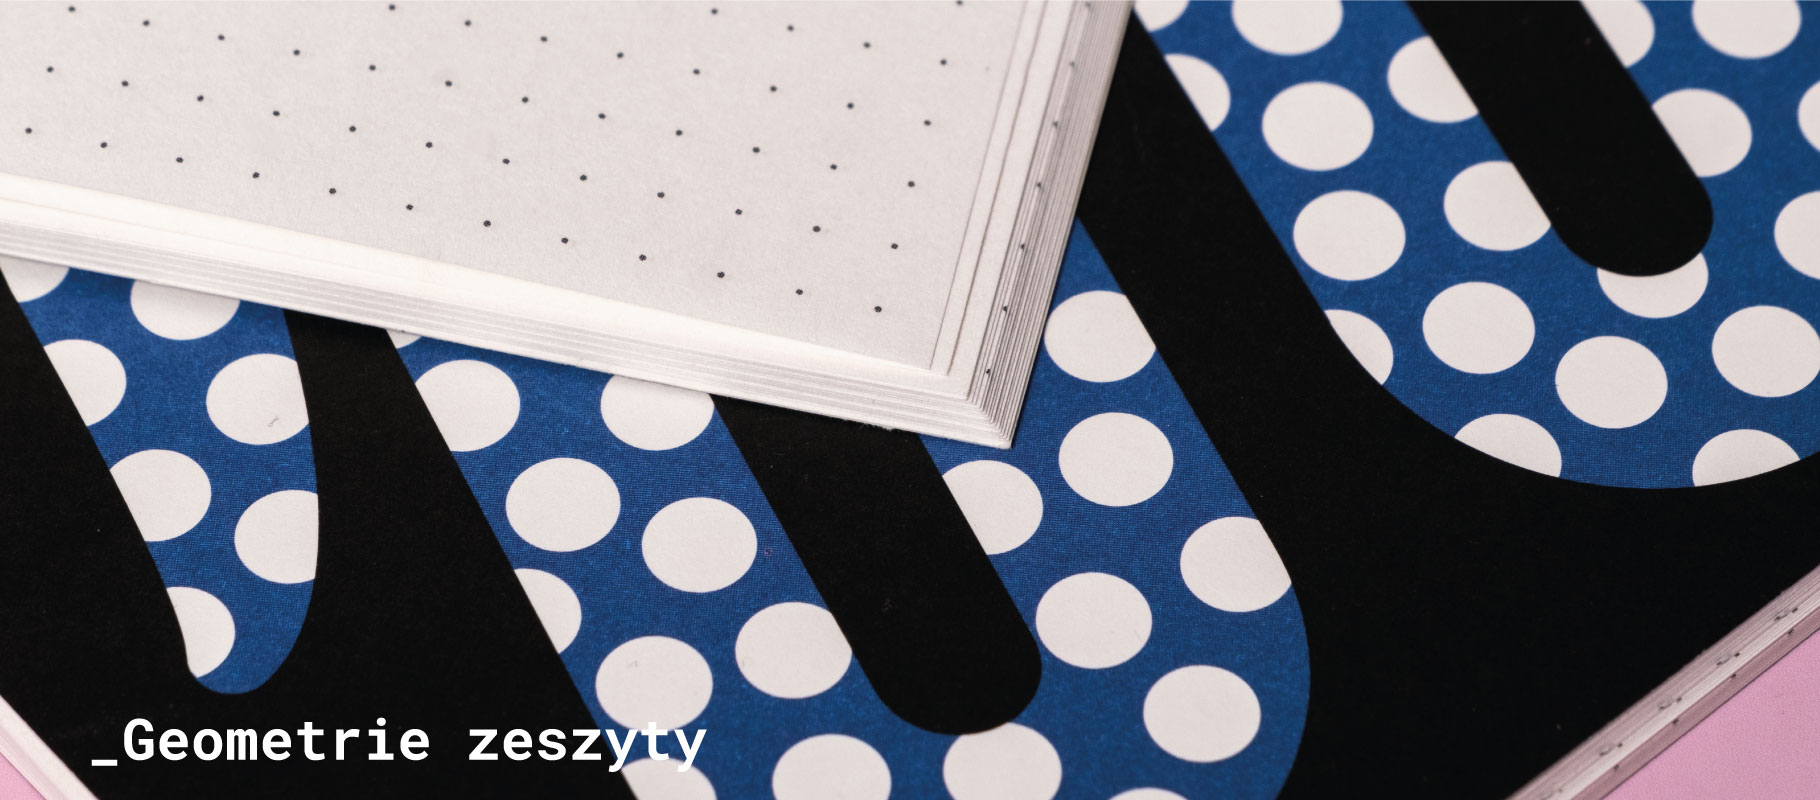 _zeszyty geometrie